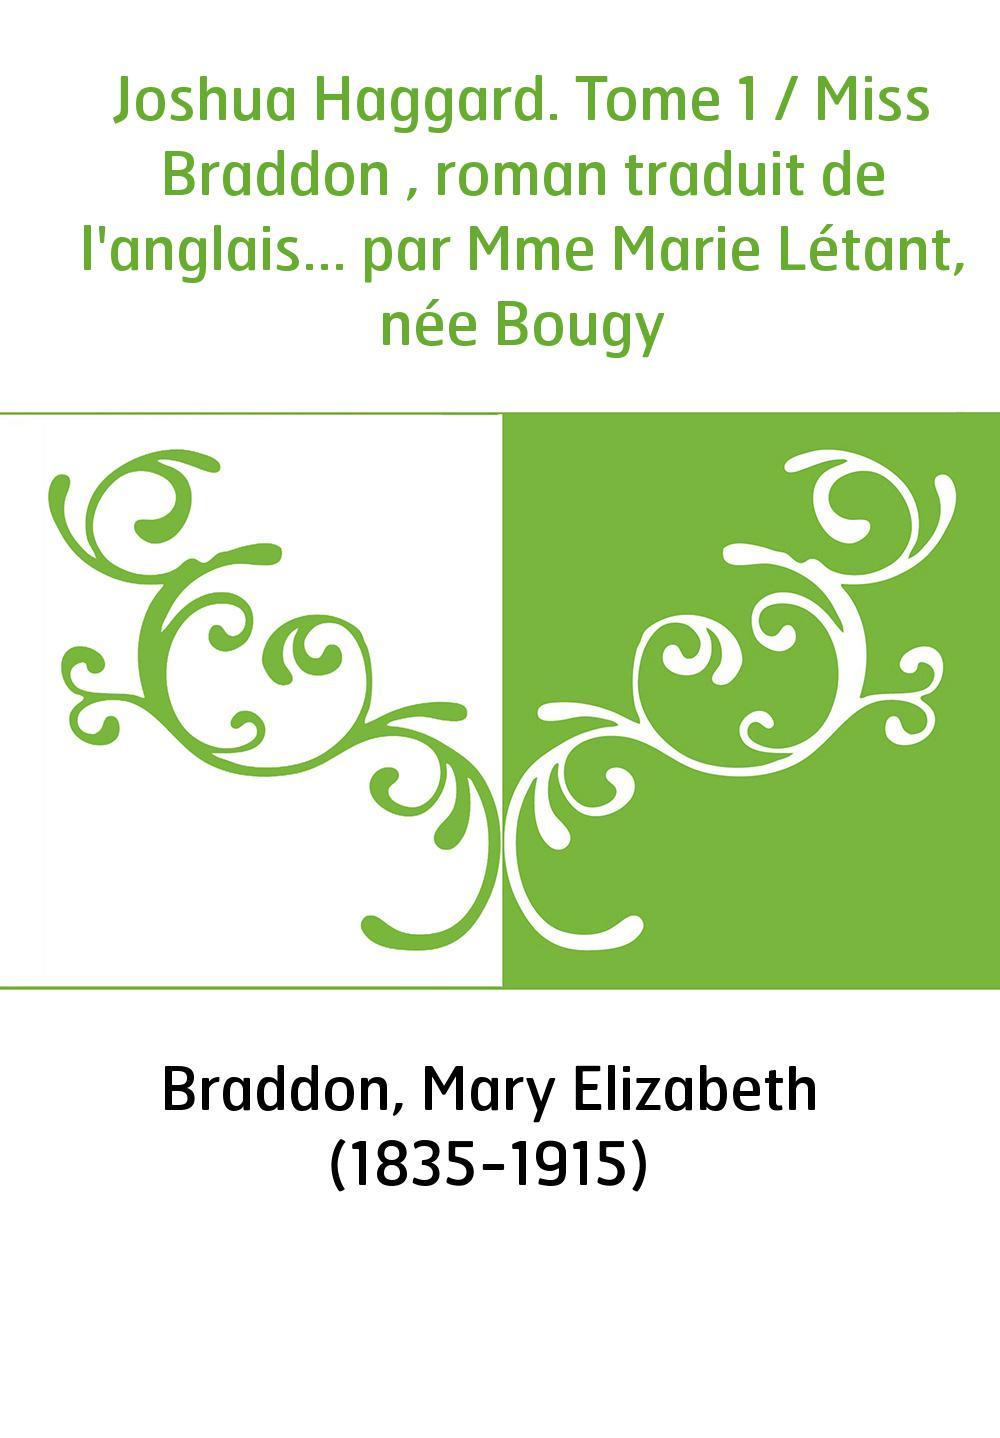 Joshua Haggard. Tome 1 / Miss Braddon , roman traduit de l'anglais... par Mme Marie Létant, née Bougy